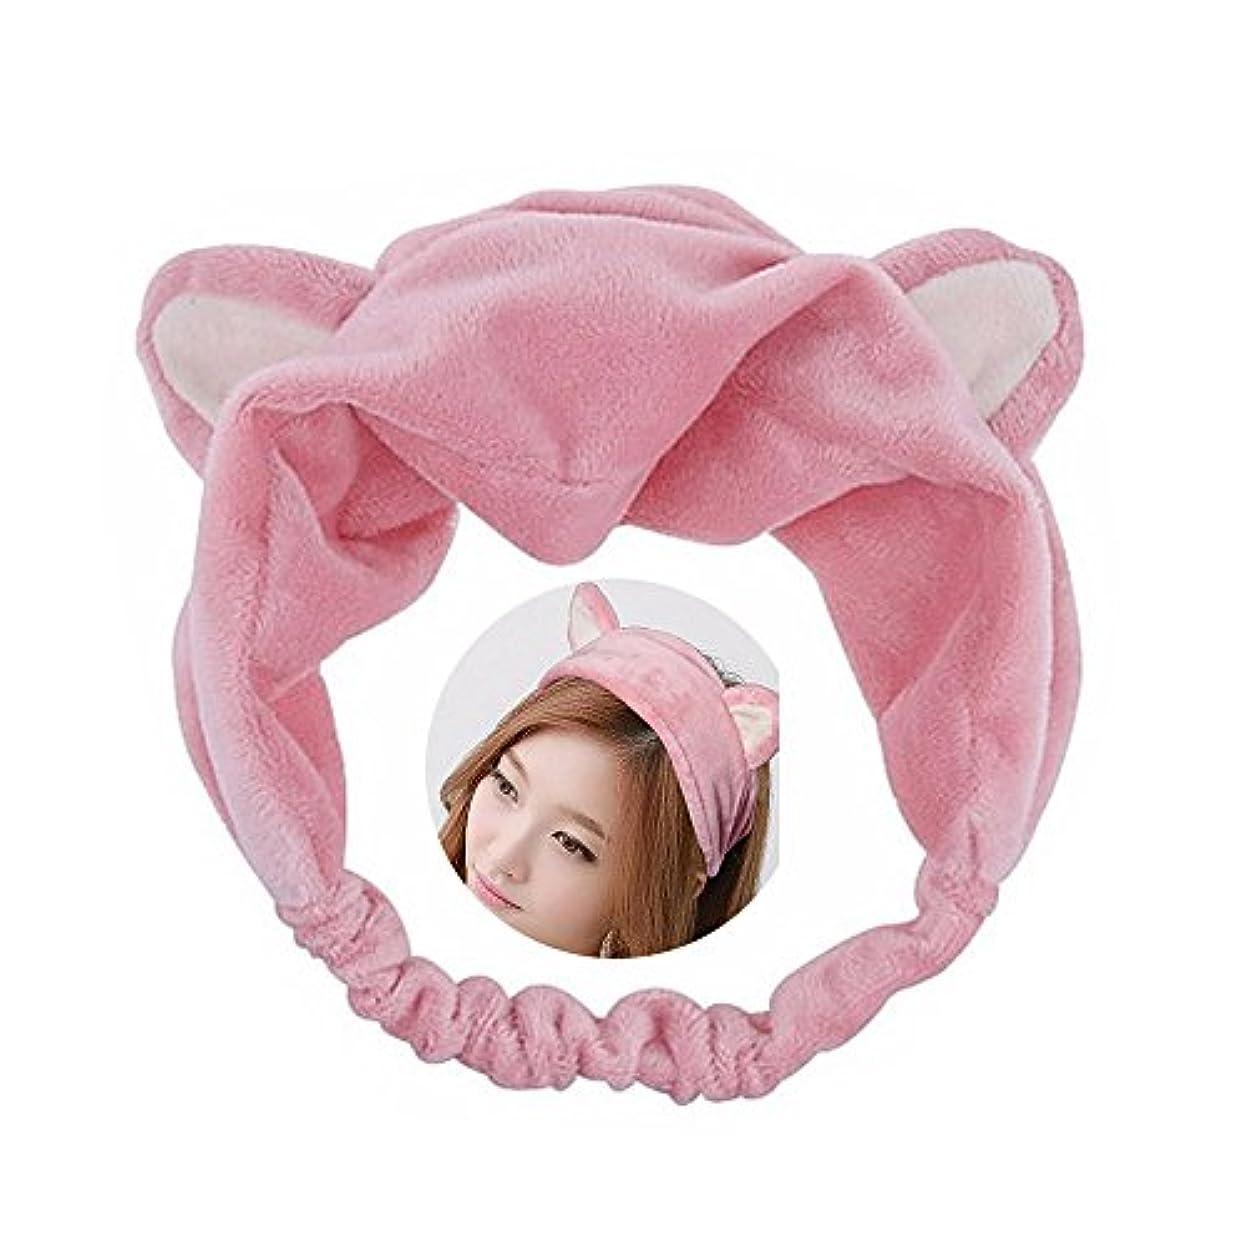 確立恋人スローガン可愛い 猫 耳 ヘアバンド メイク アップ フェイス マスク スポーツ カチューシャ 髪型 ピンク